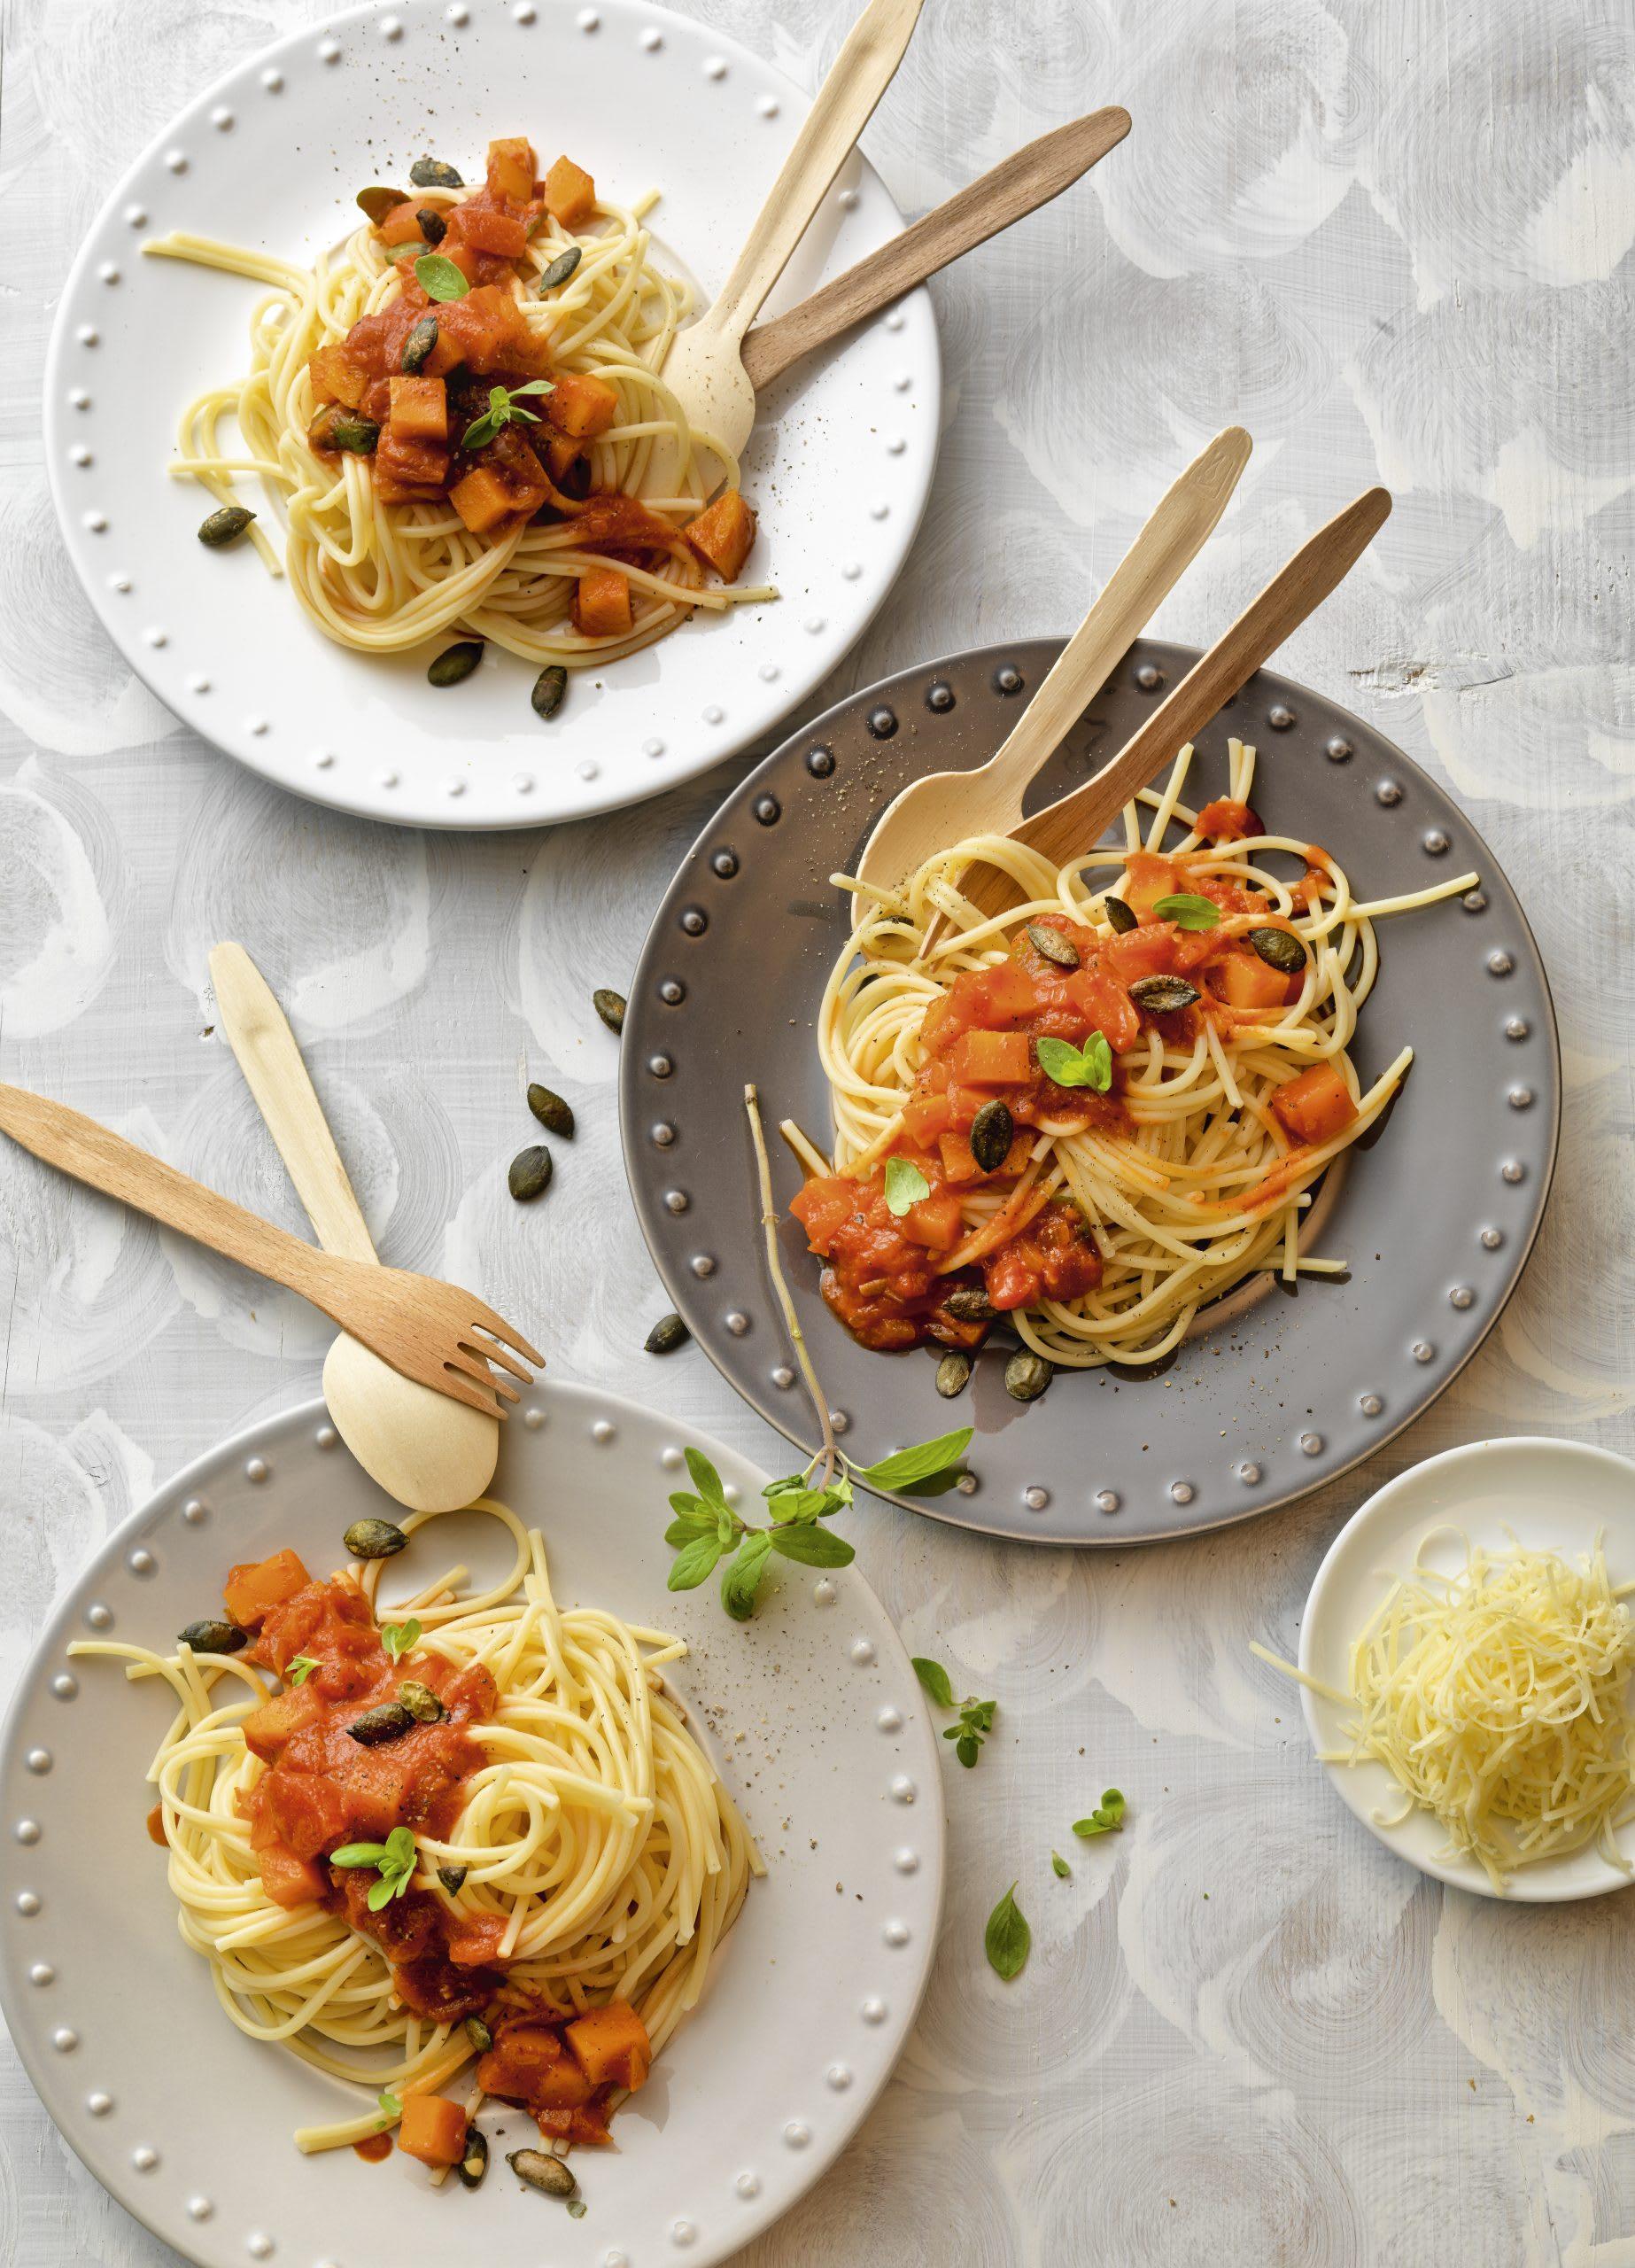 Spaghetti mit Tomaten-Kürbis-Sugo